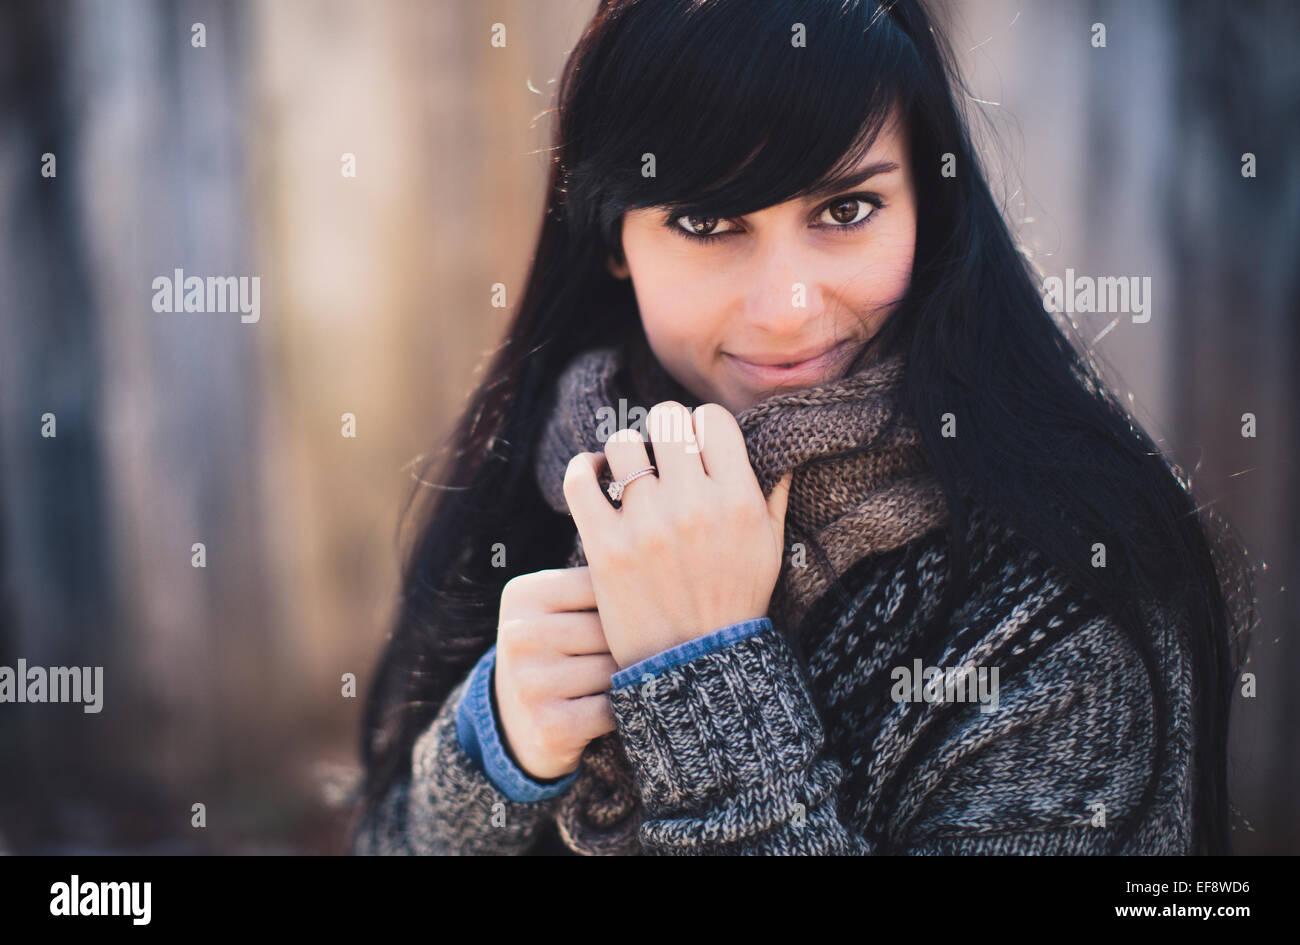 USA, Tennessee, Porträt von schönen jungen Frau im winter Stockbild